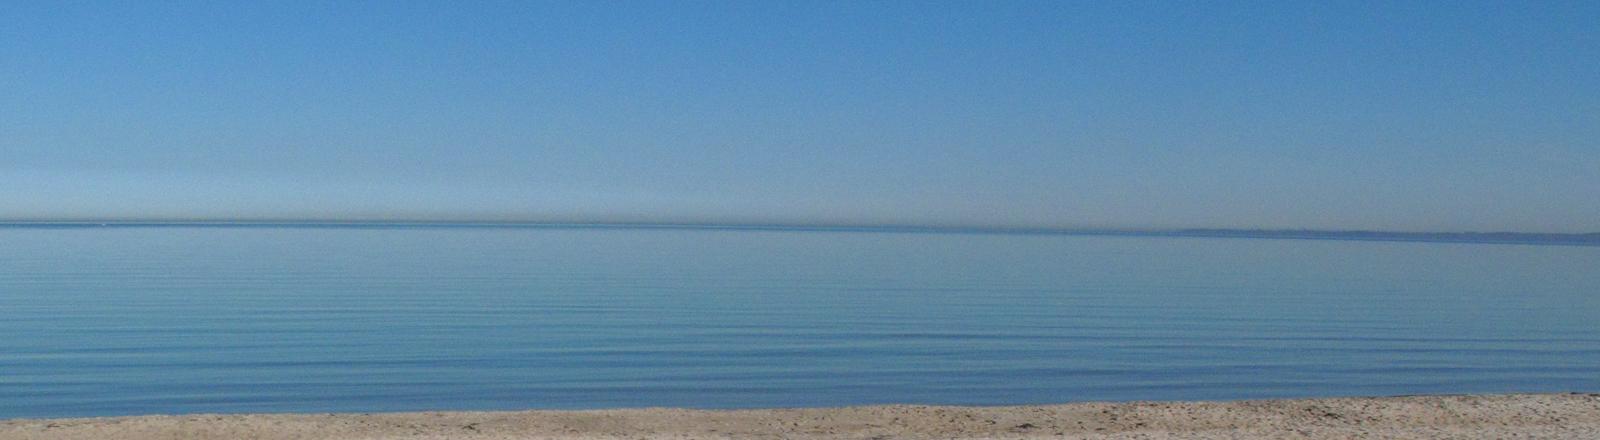 Die blau schimmernde Ostsee unter blauem Himmel an einem Märztag.